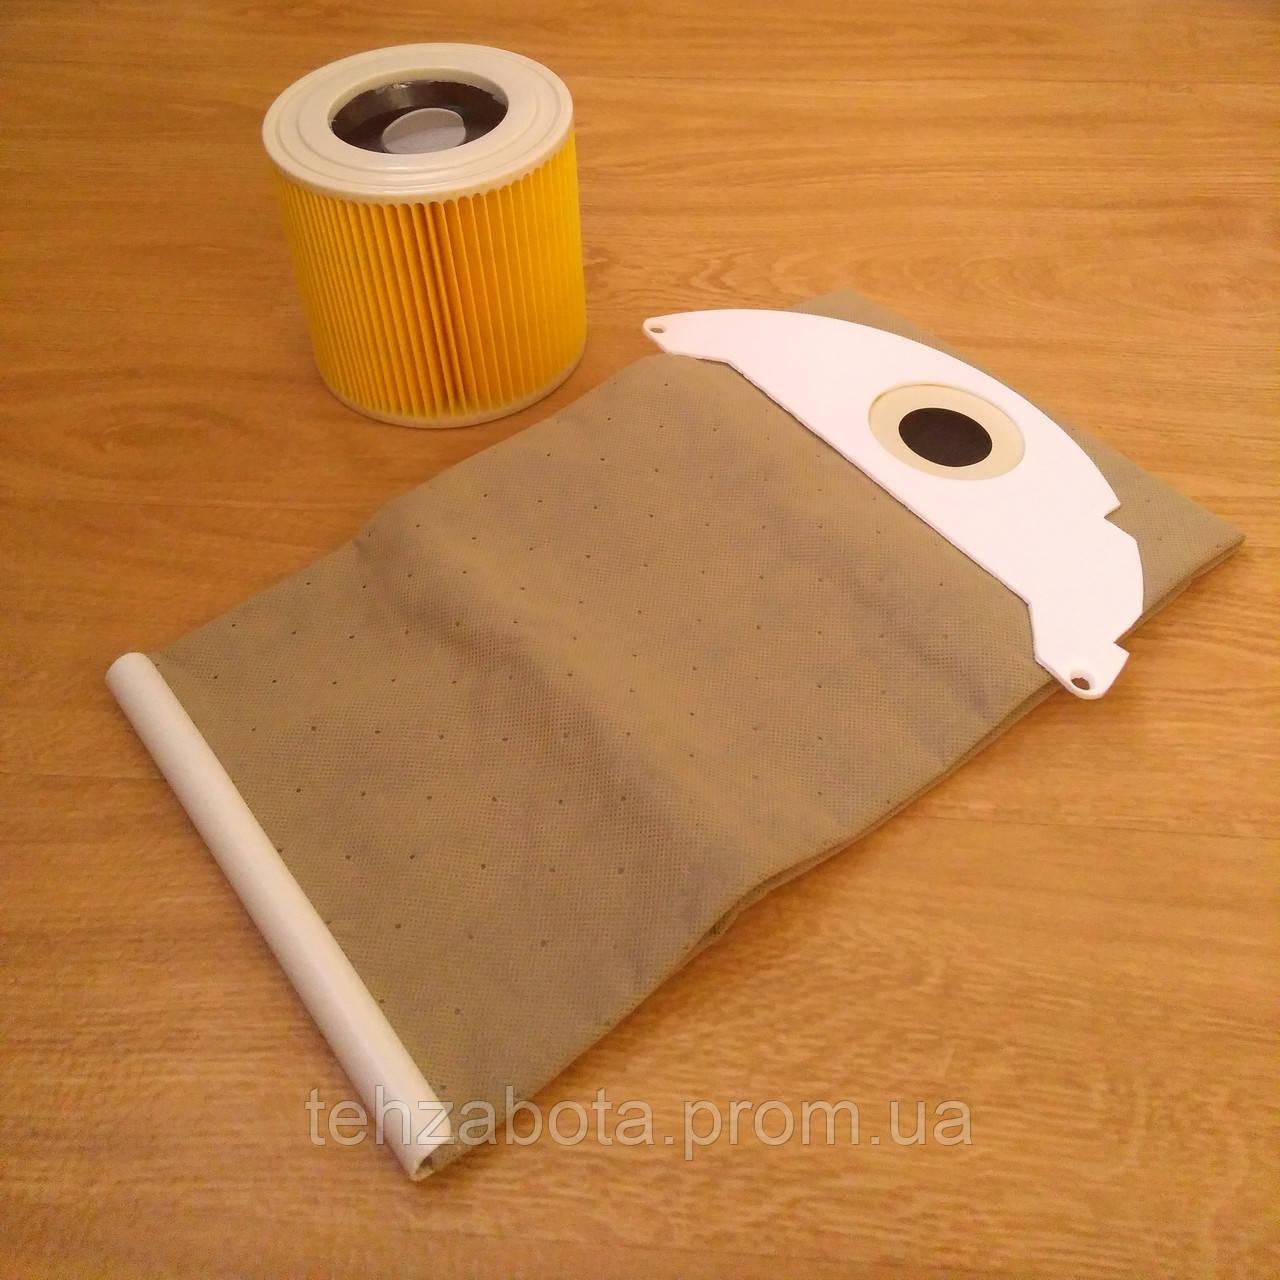 комплект мешок и патронный фильтр для пылесоса Karcher Wd 2 Mv 2 A 2004 Wd 2 200 6 904 322 0 6 414 552 0